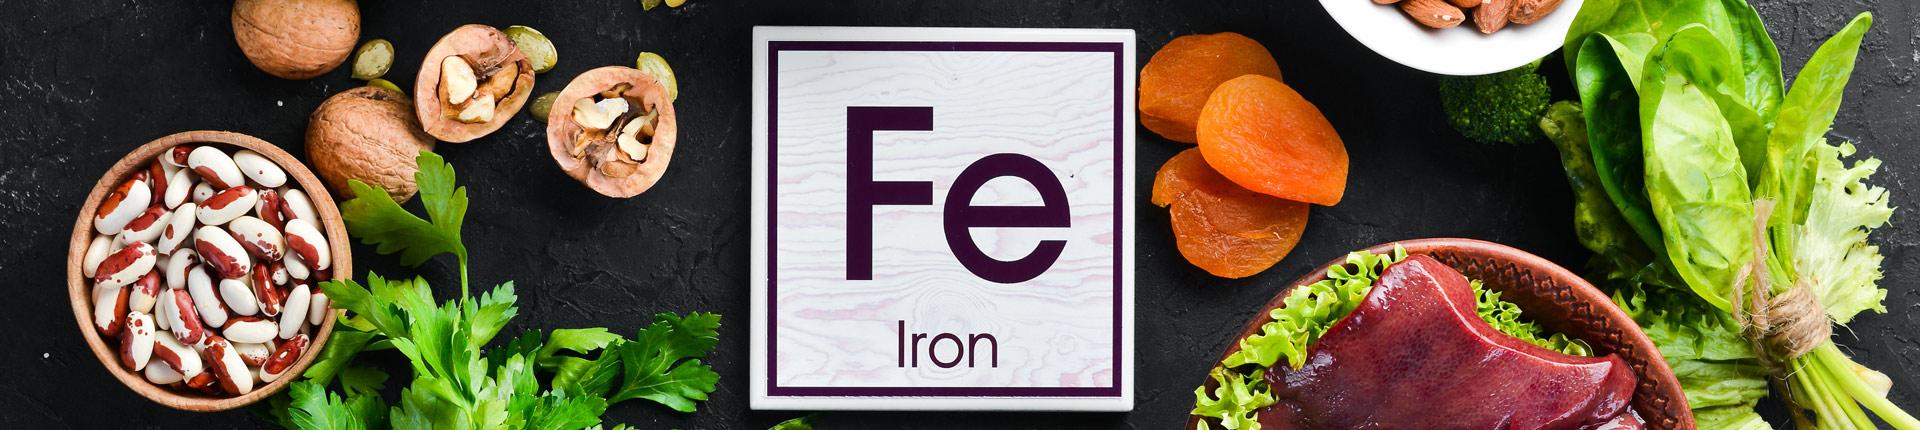 Jak działa i wpływa na zdrowie żelazo? Poznaj opinie